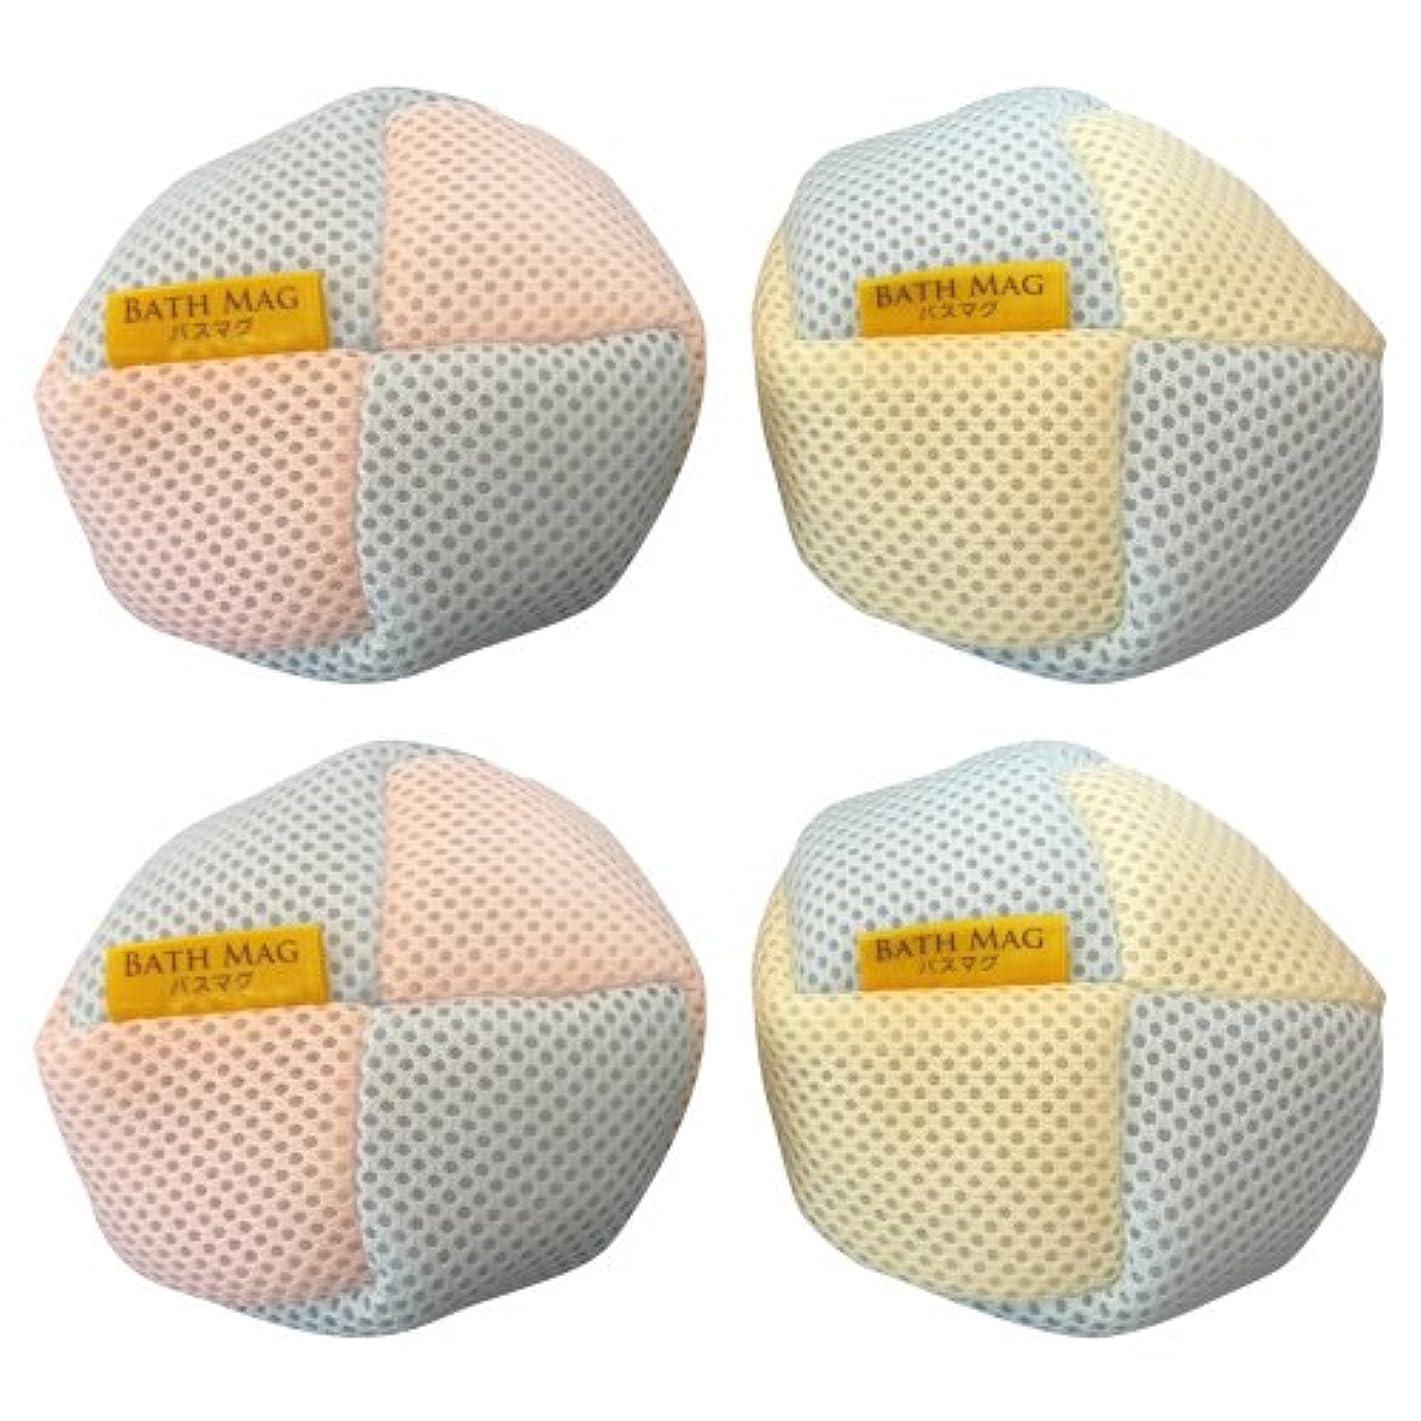 休戦メッシュ学士BATH MAG マグネシウムde水素浴(バスマグ)2個入り×2箱セット(計4個)